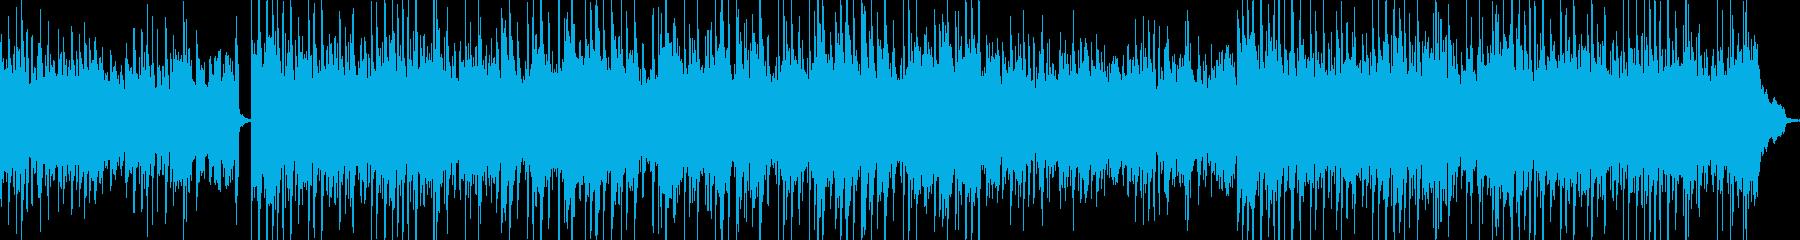 ピアノのオシャレで泣けるポストロックの再生済みの波形